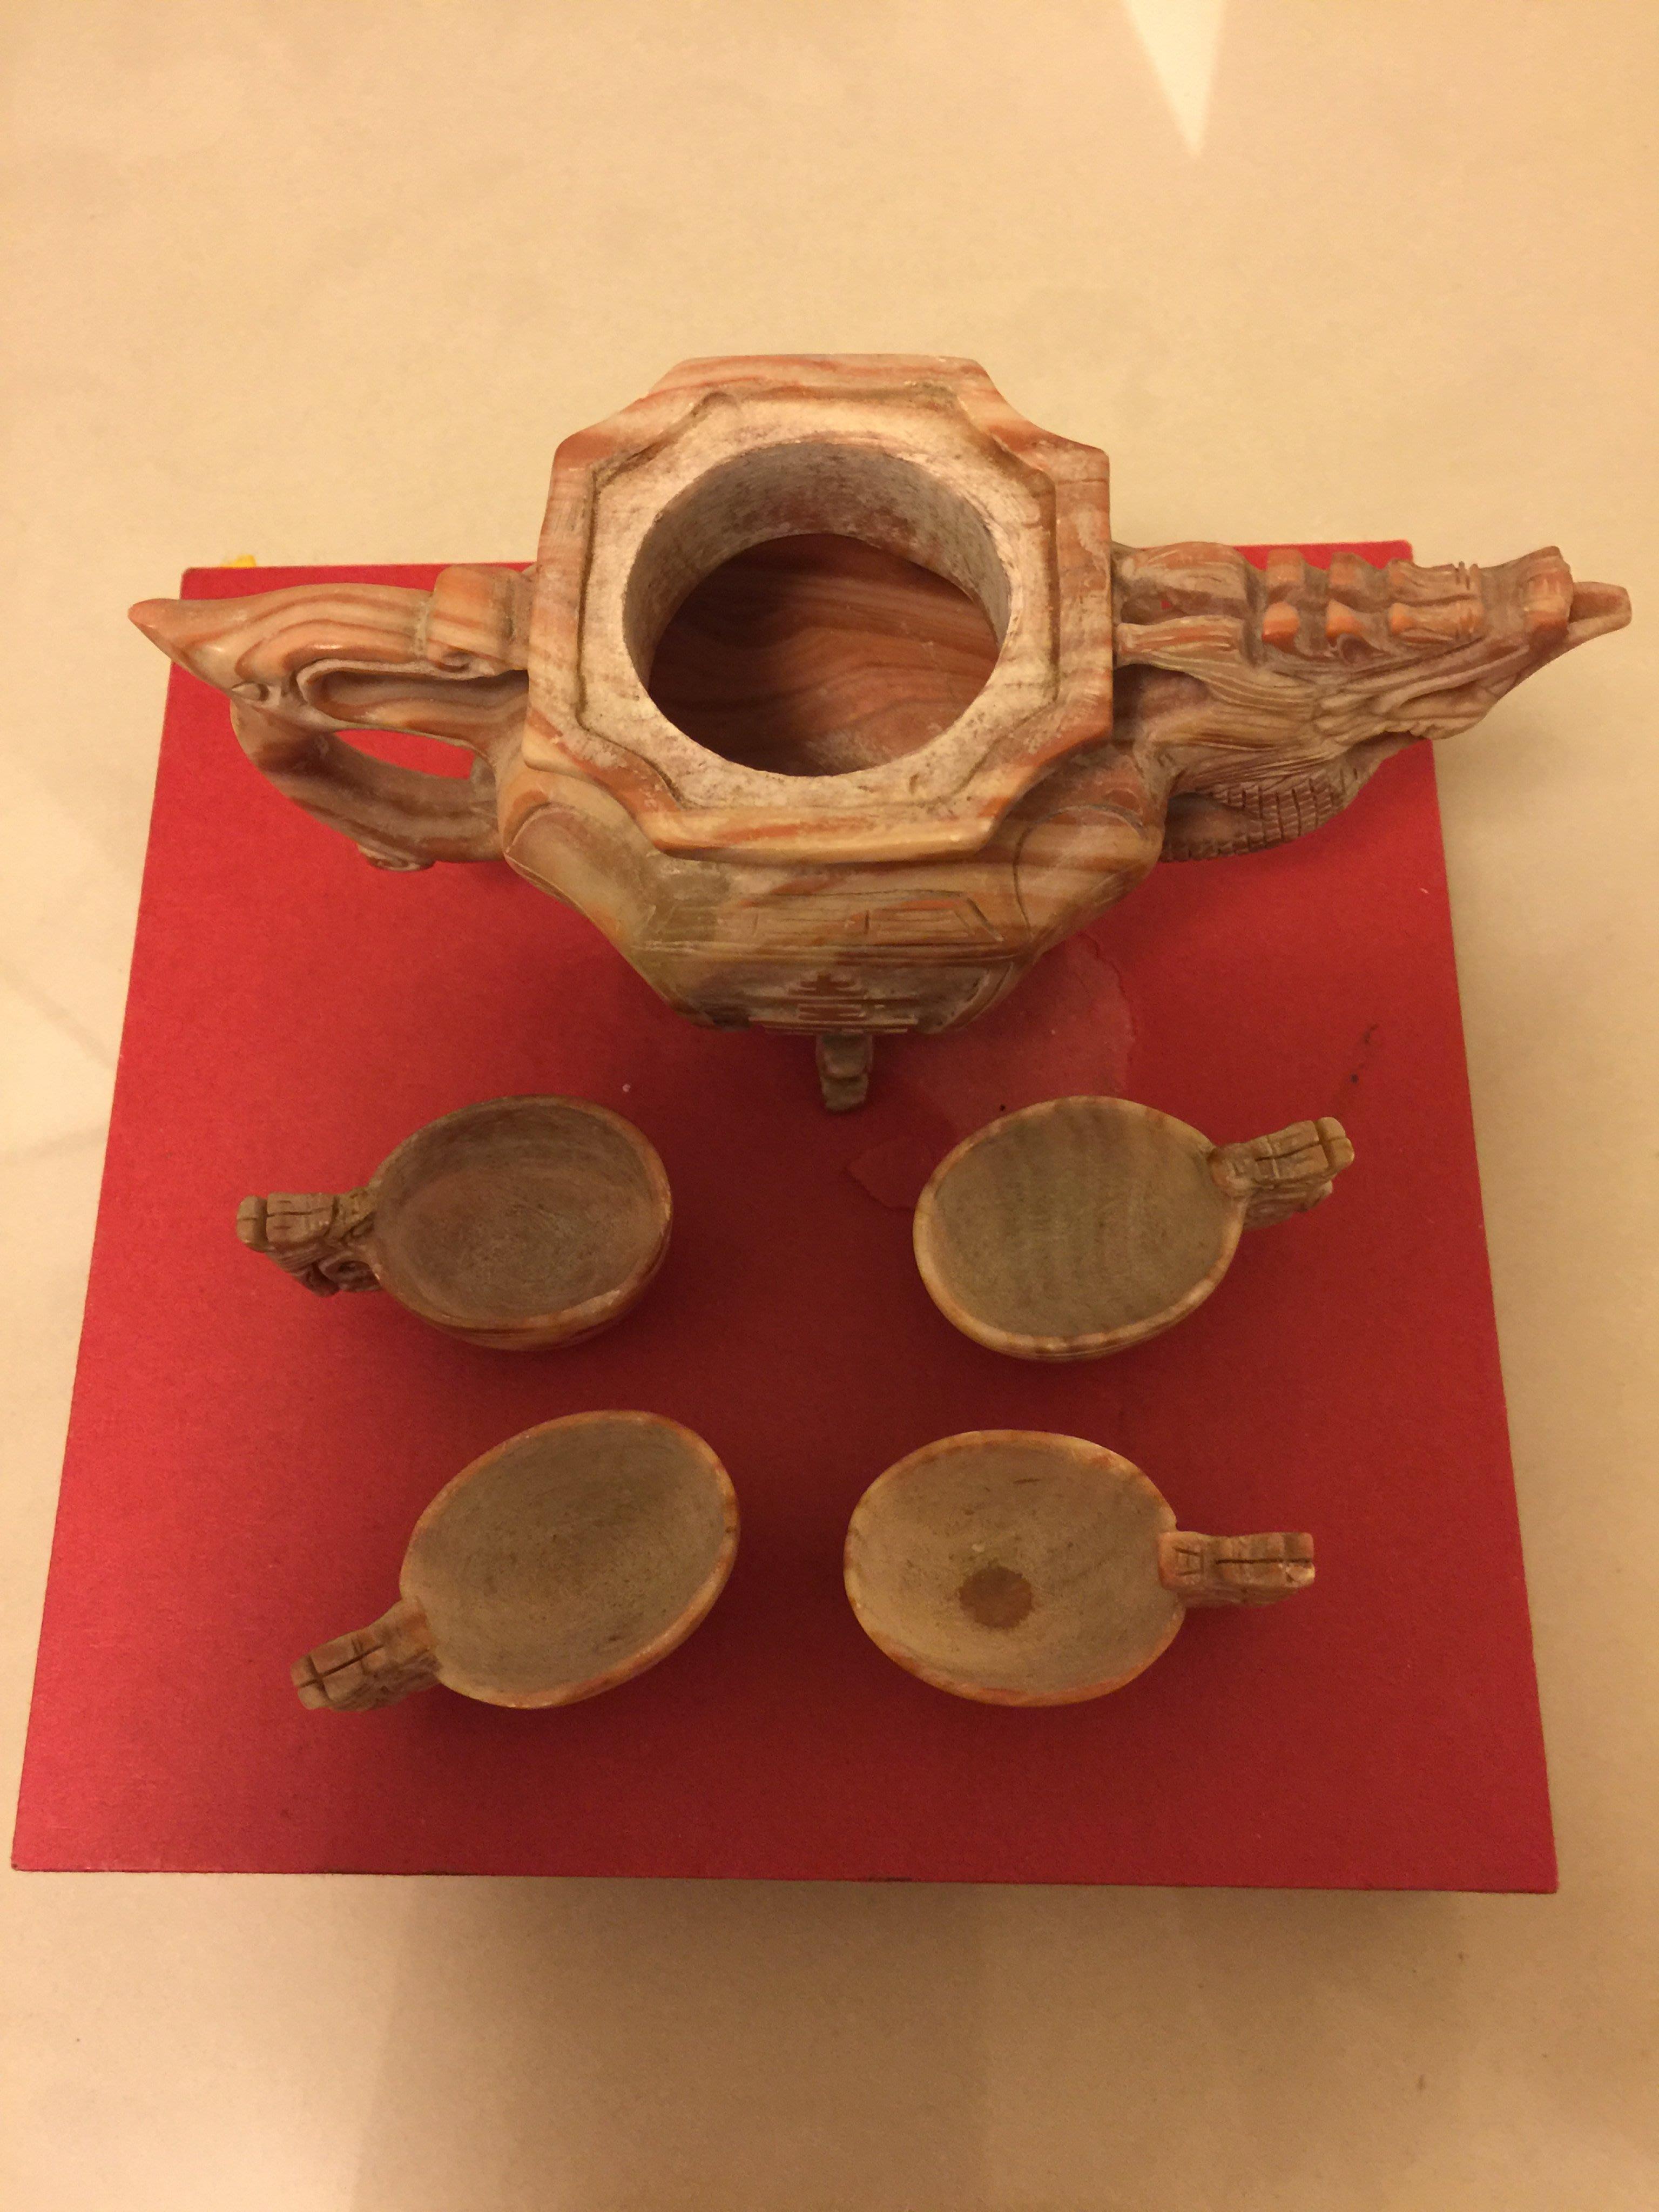 大理石茶壺擺件「如圖」